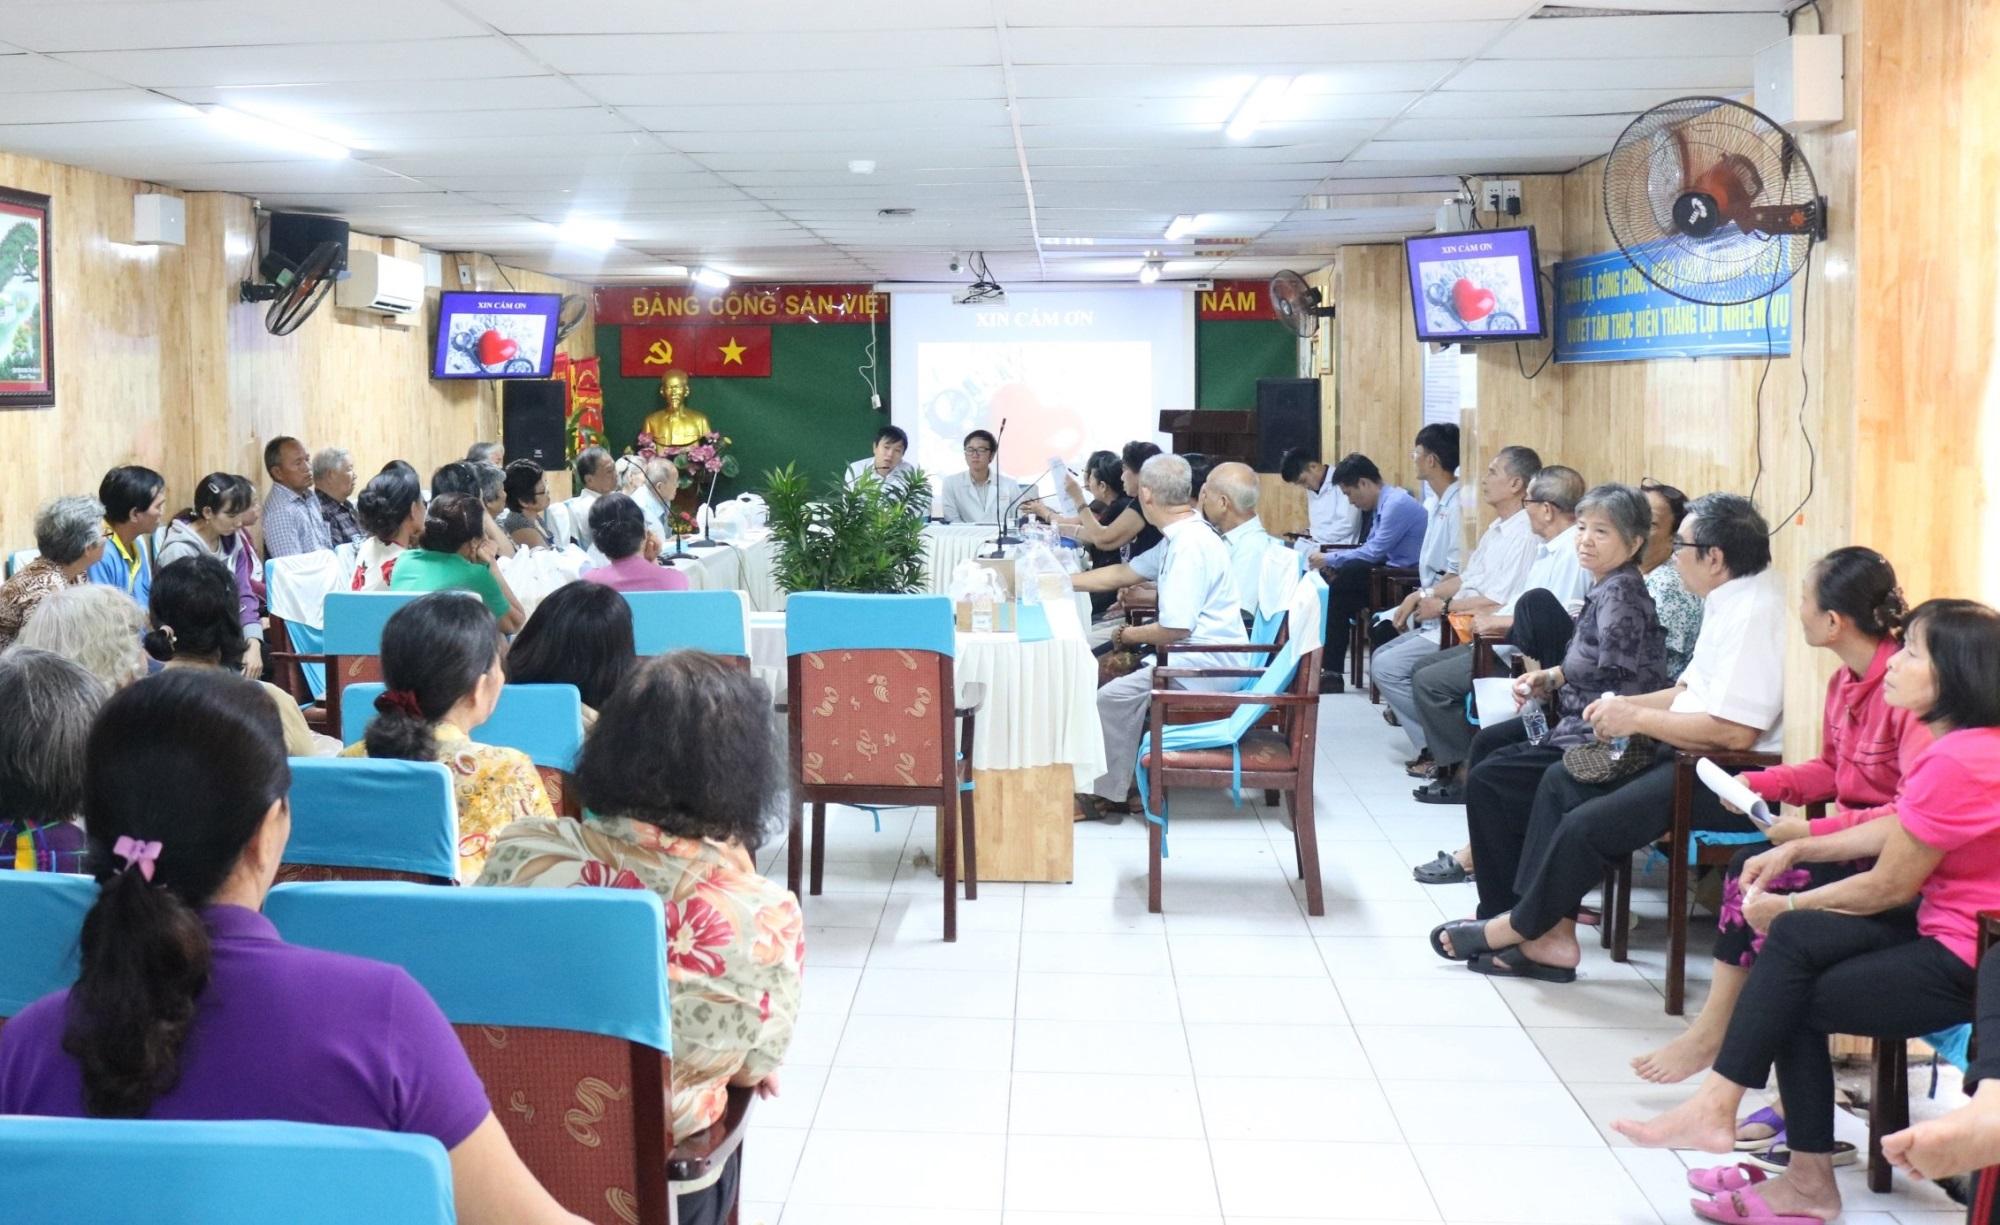 Câu lạc bộ bệnh nhân sử dụng thuốc chống đông, nơi chia sẻ kiến thức y học và tâm tư người bệnh - Ảnh 4